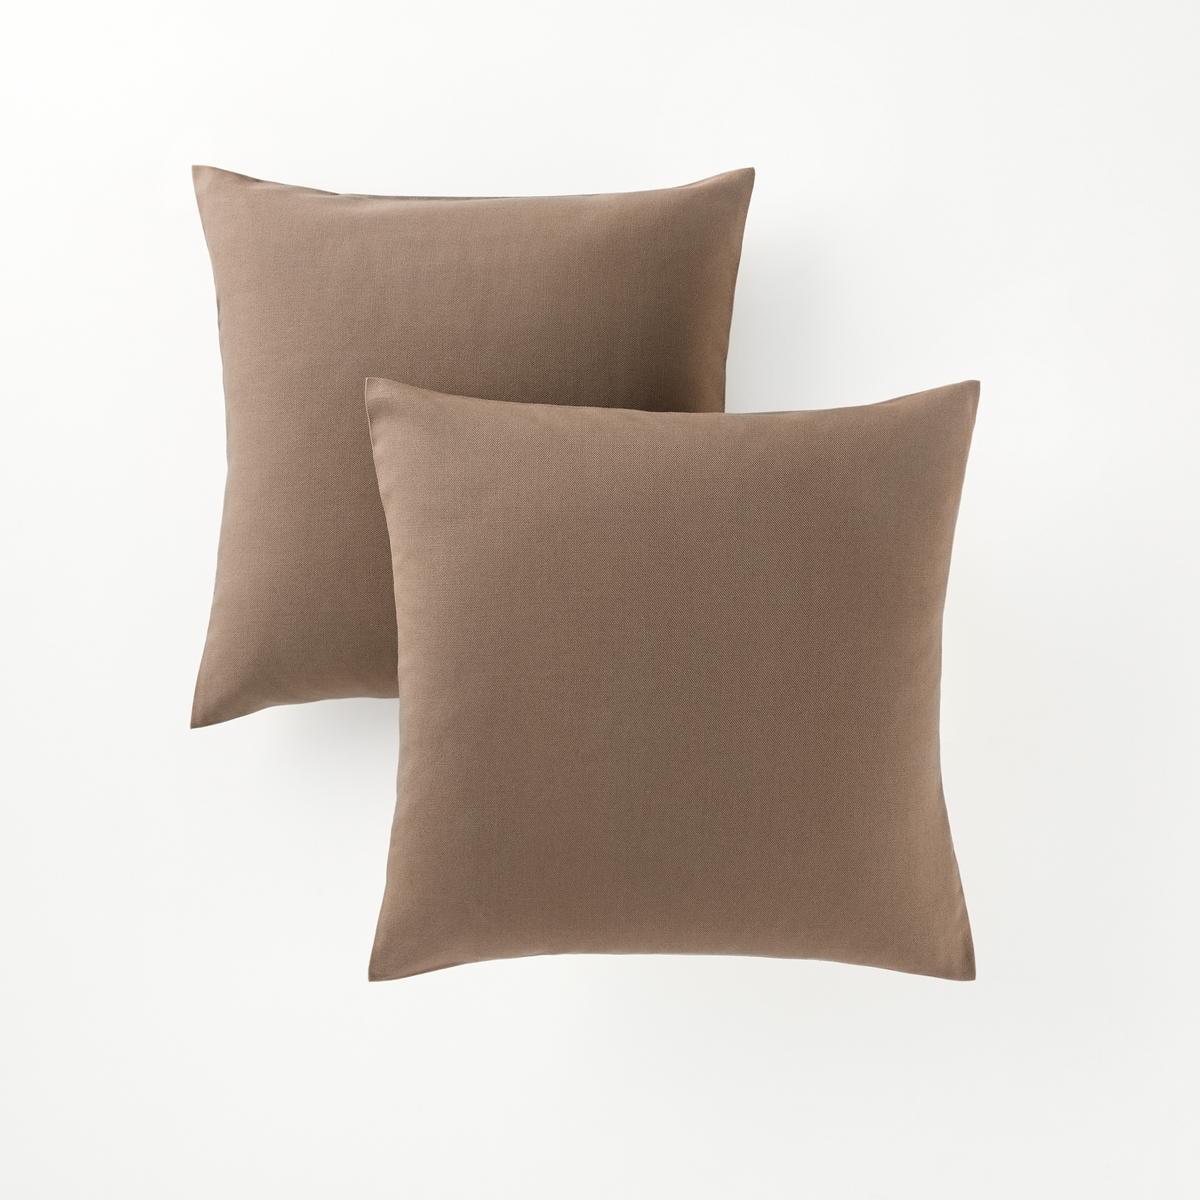 2 квадратных или прямоугольных чехла на подушки2 квадратных или прямоугольных чехла на подушки : декоративная расцветка, можно сочетать по желанию !       Характеристики 2 или прямоугольных чехлов на подушки :- Чехлы на подушки из красивой и очень прочной ткани (220 г/м?), застежка на молнии.- Гарантия расцветки : превосходная стойкость от воздействия солнечных лучей и стирок (40 °С).В комплекте 2 чехла одного цвета.                             Качество VALEUR S?RE.Подушки продаются отдельно.                                            Сертификат Oeko-Tex® дает гарантию того, что товары изготовлены без применения химических средств и не представляют опасности для здоровья человека.<br><br>Цвет: антрацит,коралловый,малиновый,облачно-серый,рубиново-красный,серо-коричневый каштан,черный<br>Размер: 50 x 30 см.50 x 30 см.40 x 40  см